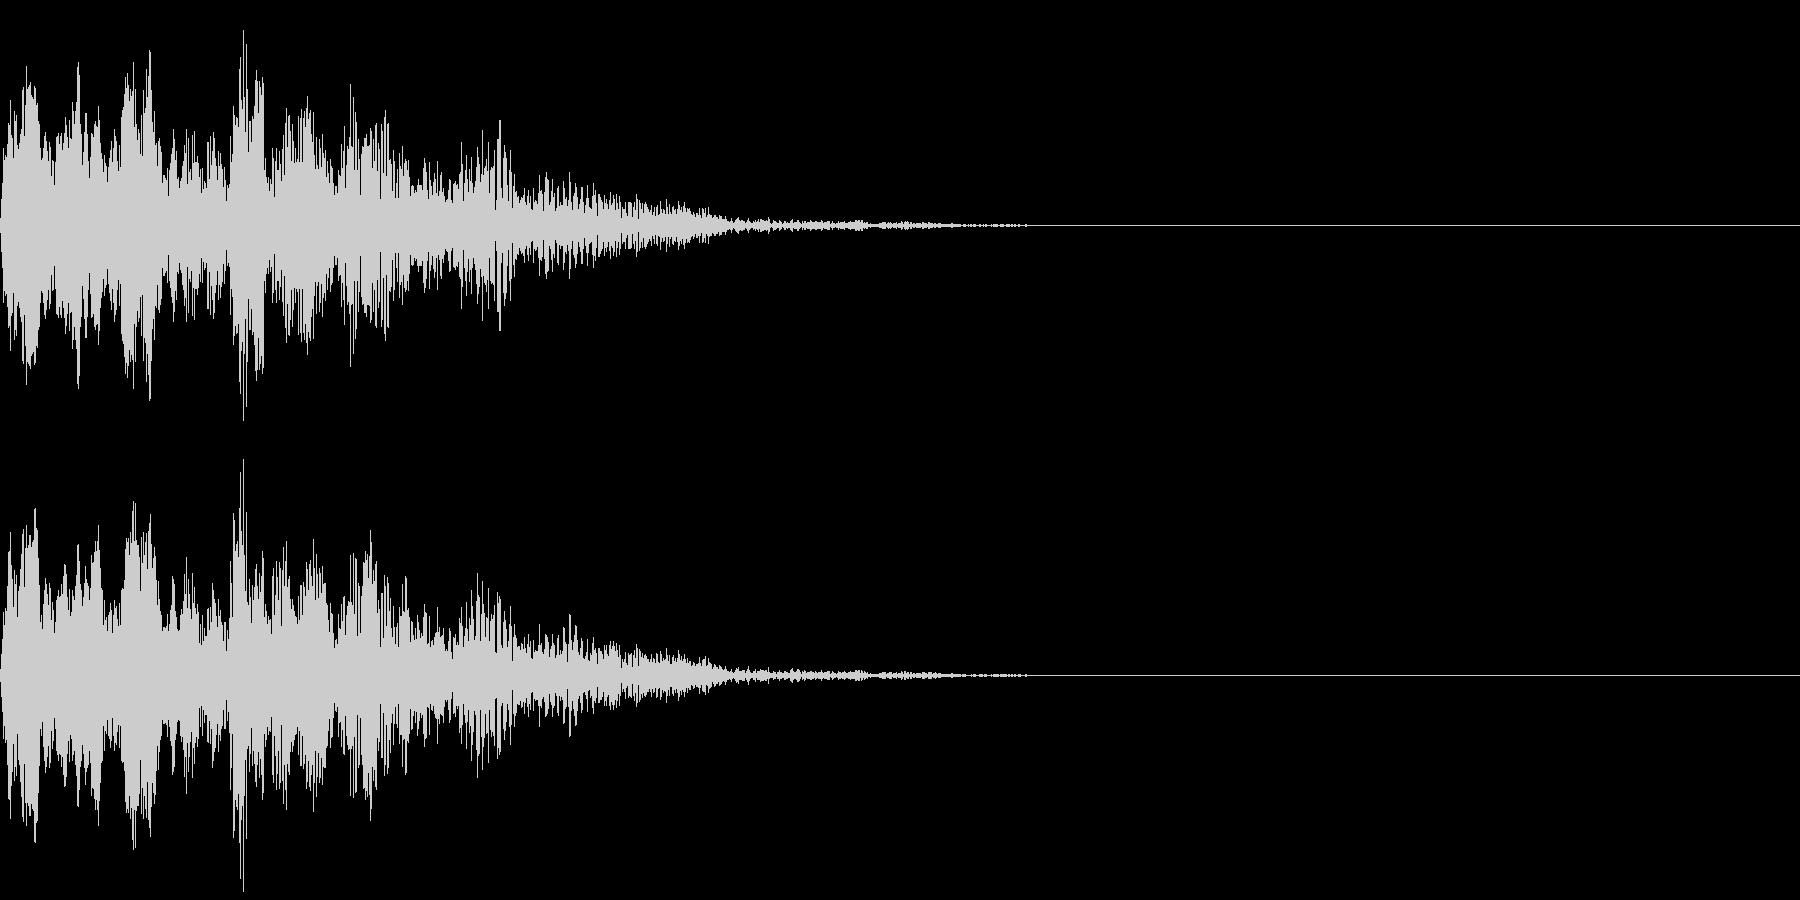 不思議な音(オールド)の未再生の波形